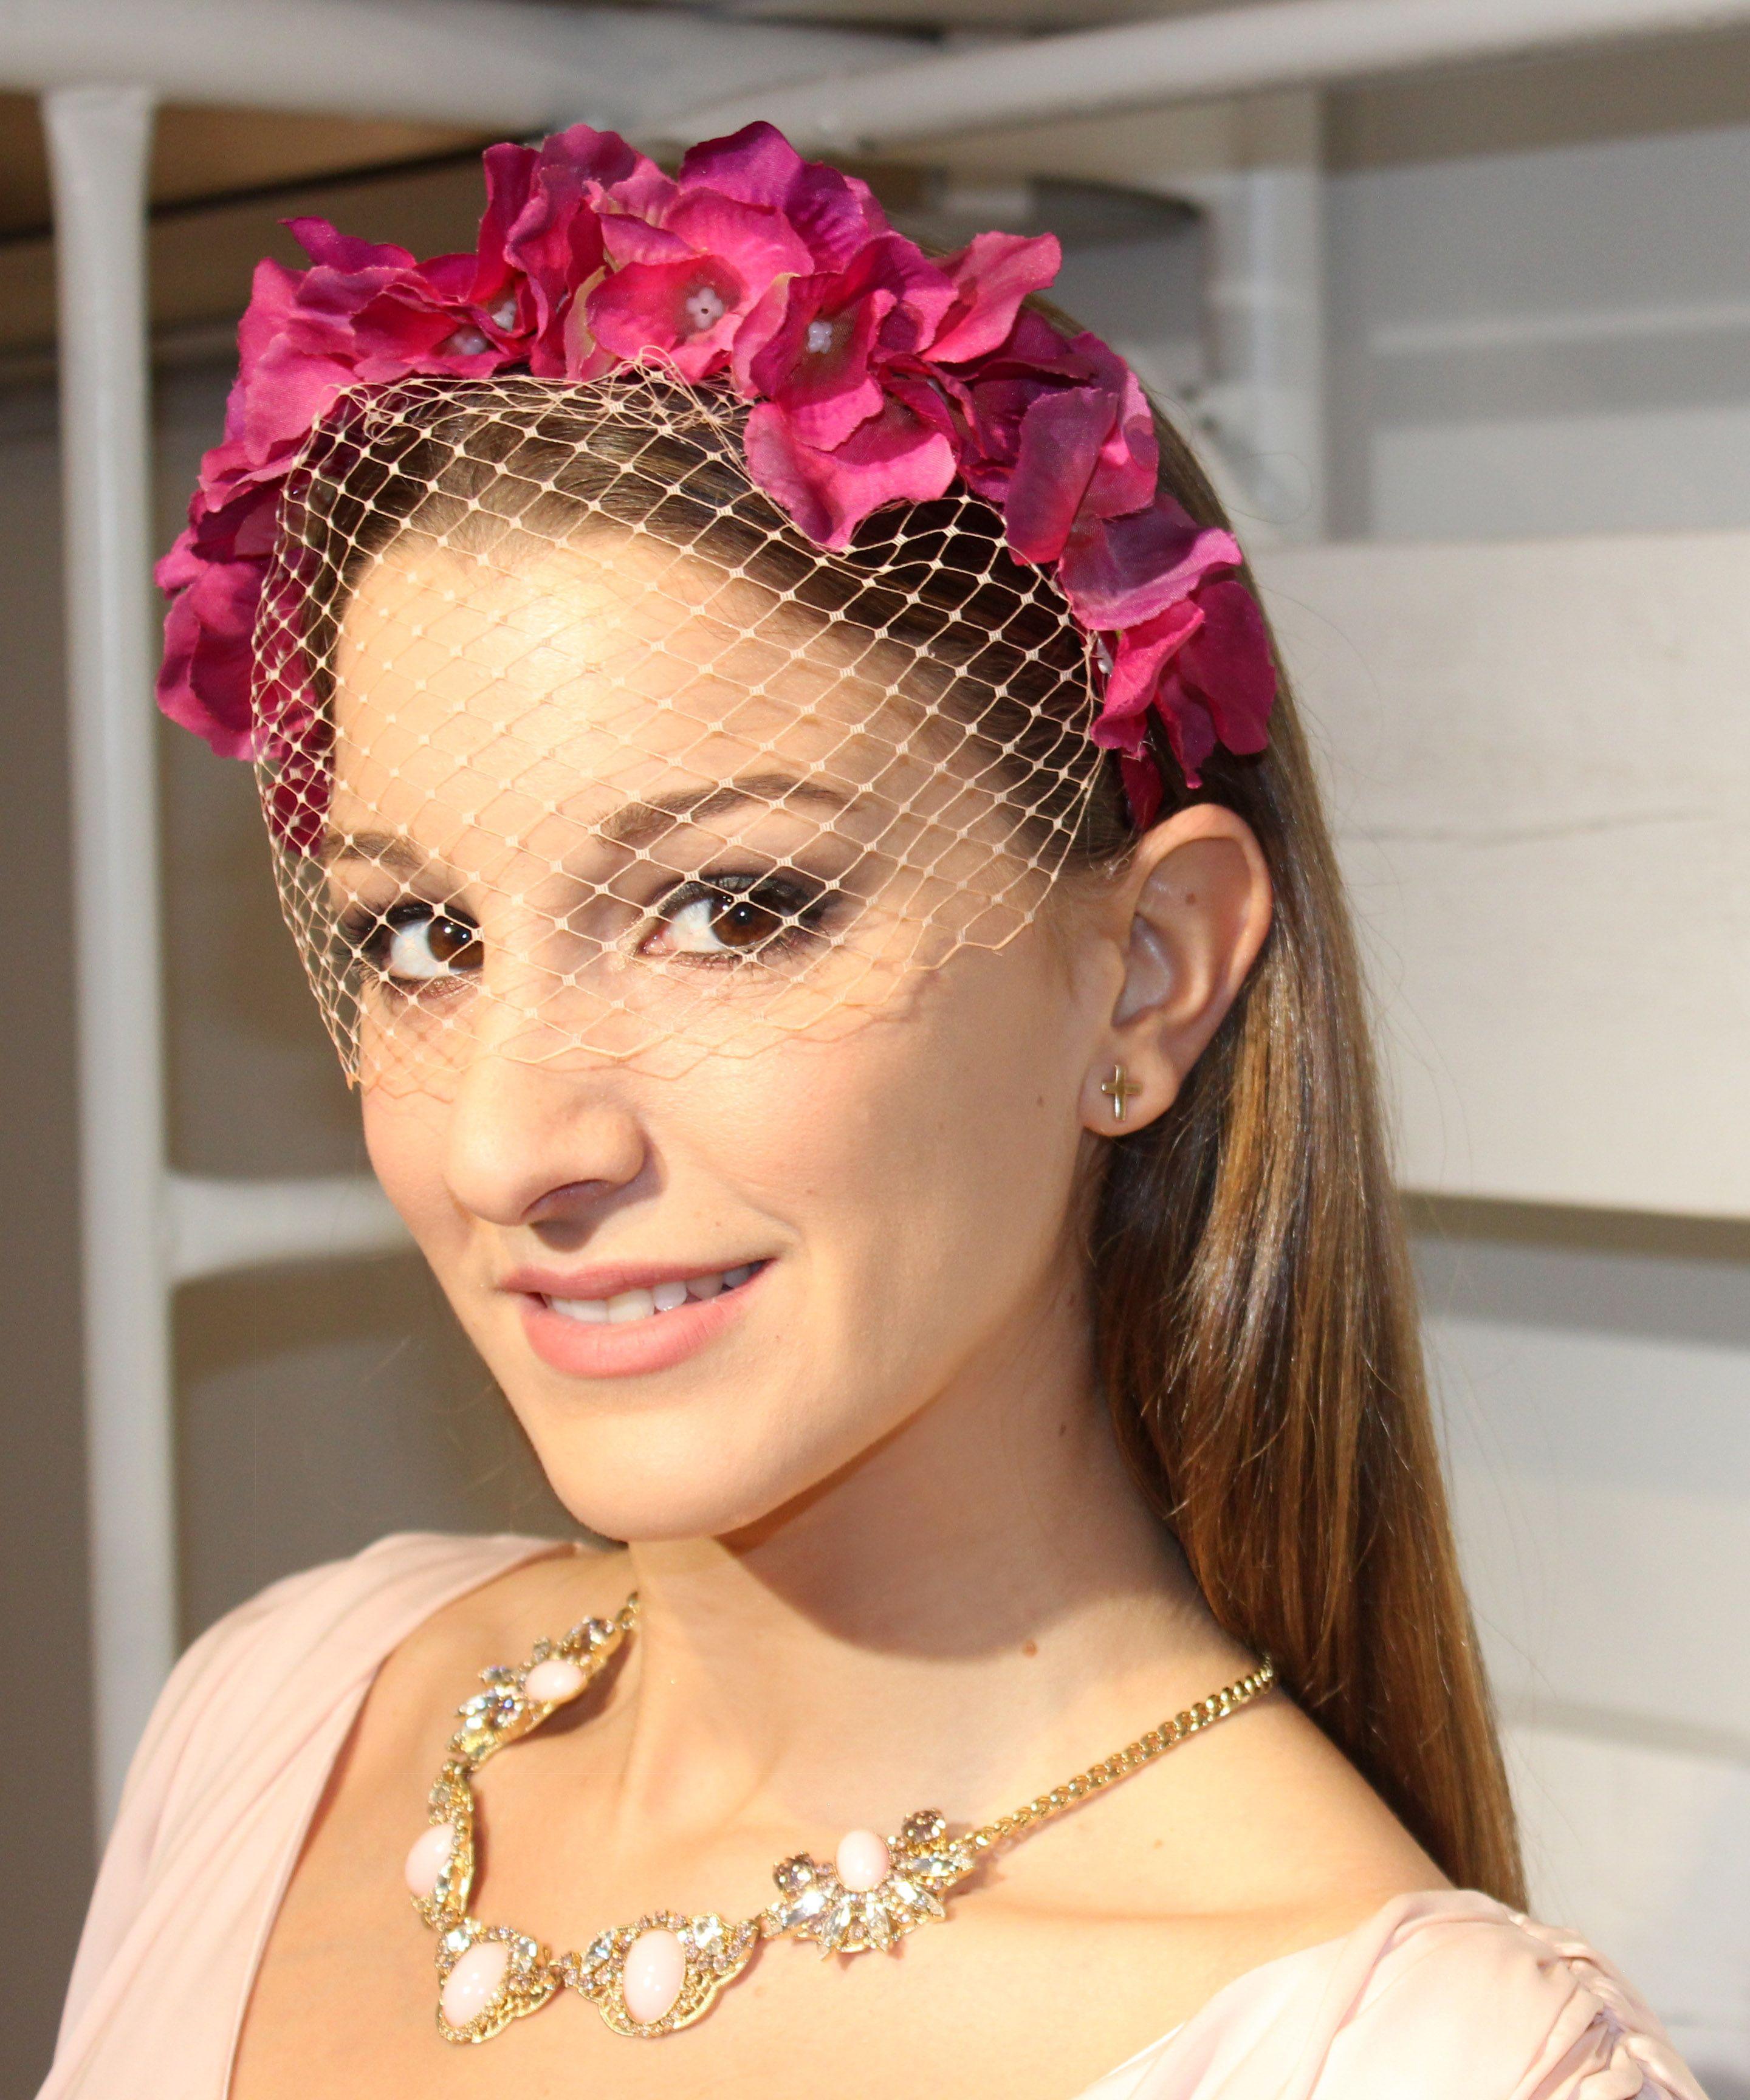 De última generación peinados con tocado para boda Galería de cortes de pelo tutoriales - Tocado con diadema de flores y redecilla en tonos rosas de ...